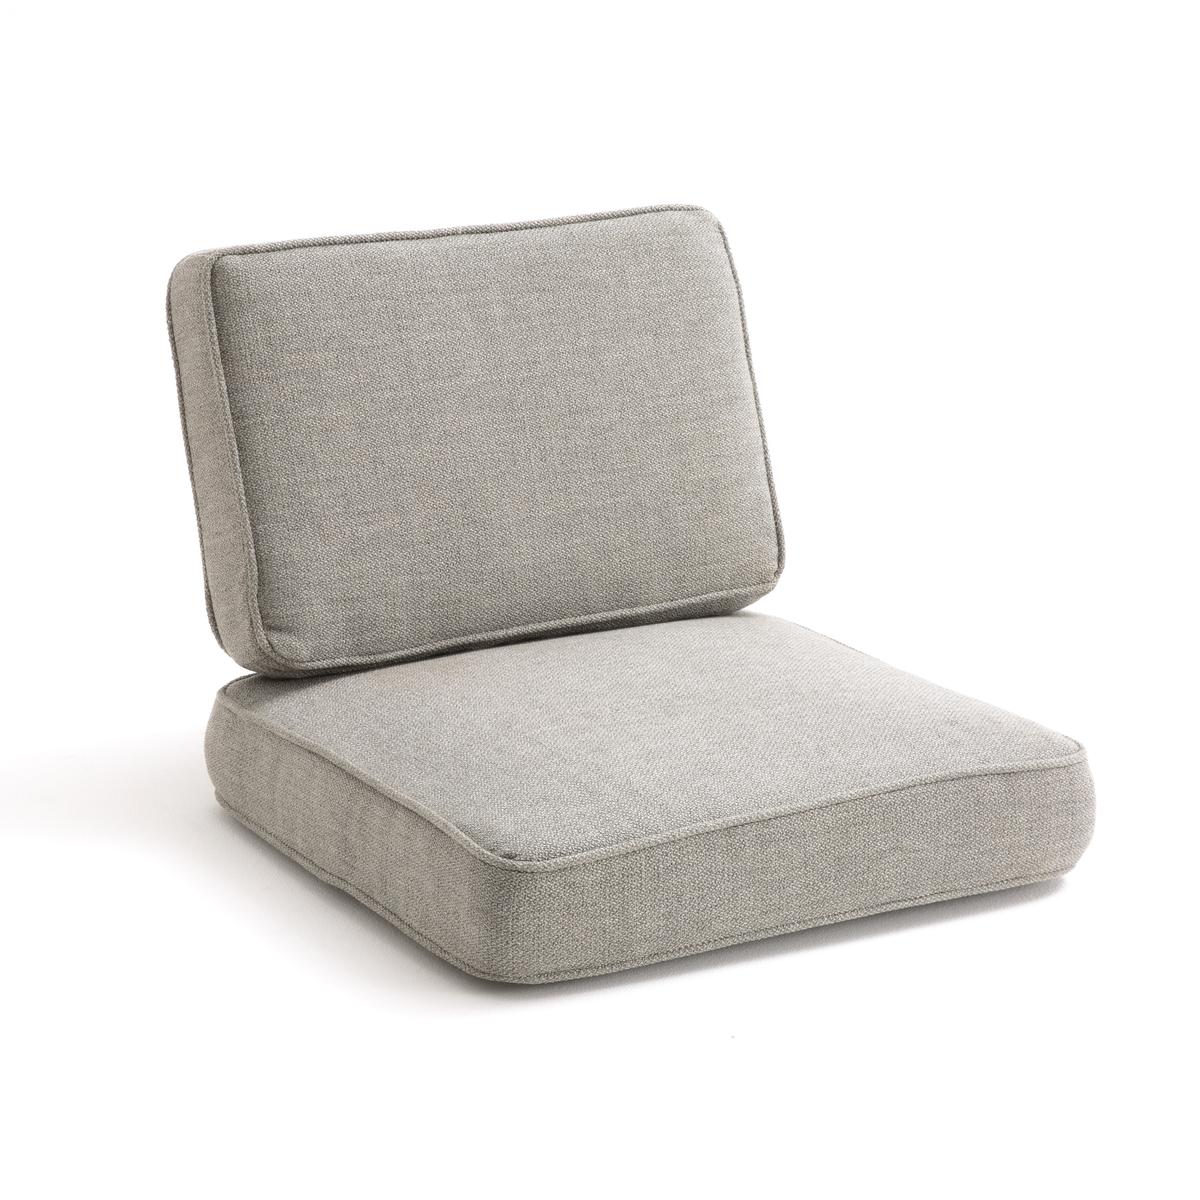 Подушки твидовые для кресла DilmaПодушки для кресла Dilma. Сочетается с каркасом Dilma для создания удобного и простого в уходе кресла.   Материал : - Покрытие : твид 79% полиэстера, 13% акрила, 8% вискозы- Наполнитель : полиэфирная пена 30 кг/м? и слой из волокон полиэстера. - Система крепления для подушки сидения.- Чехлы подушек съемныеРазмеры :- Подушка для сидения : Ш60 x В10 x Г63 см- Подушка под спину : Ш60 x В41 x Г10 см<br><br>Цвет: светло-серый,темно-серый